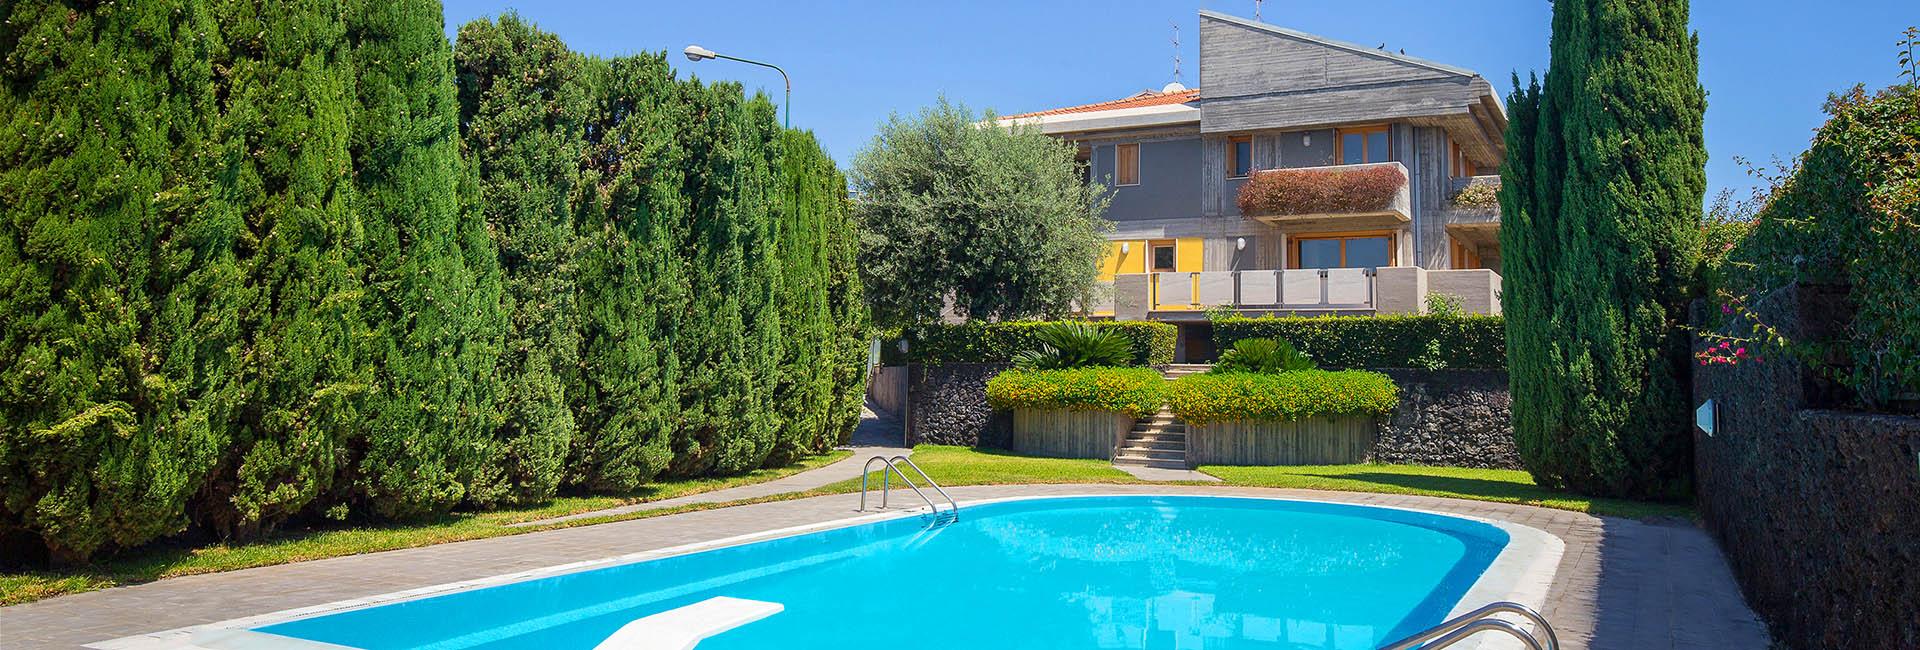 villa 4 piani con piscina 3 le ville di cerza